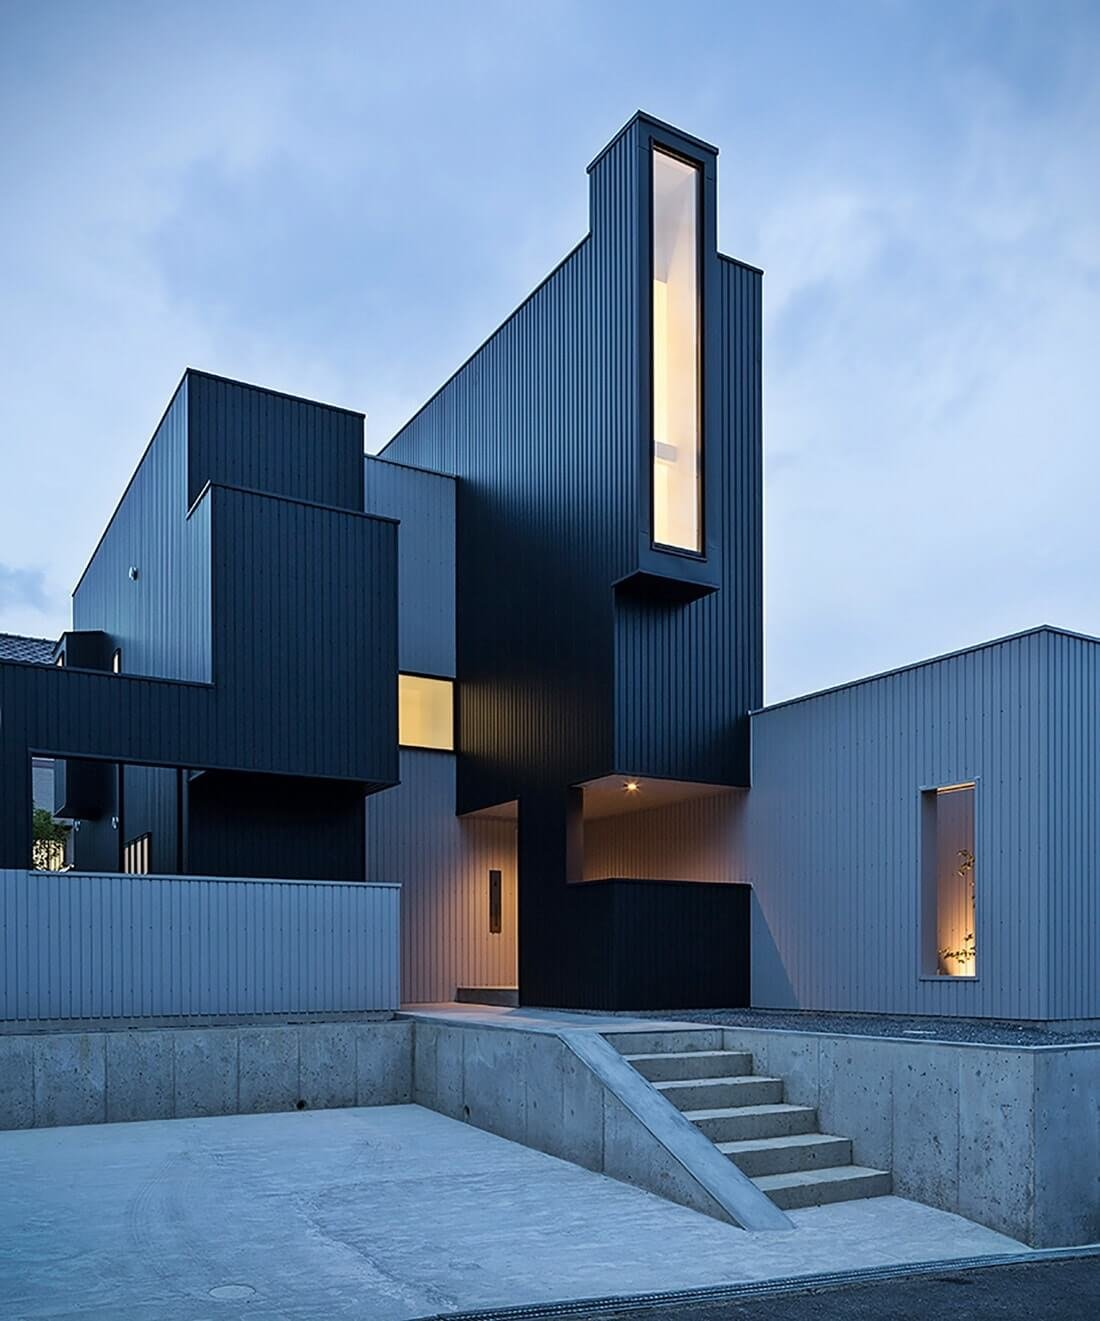 монет картинки домов конструктивизм сделать красивую фотографию